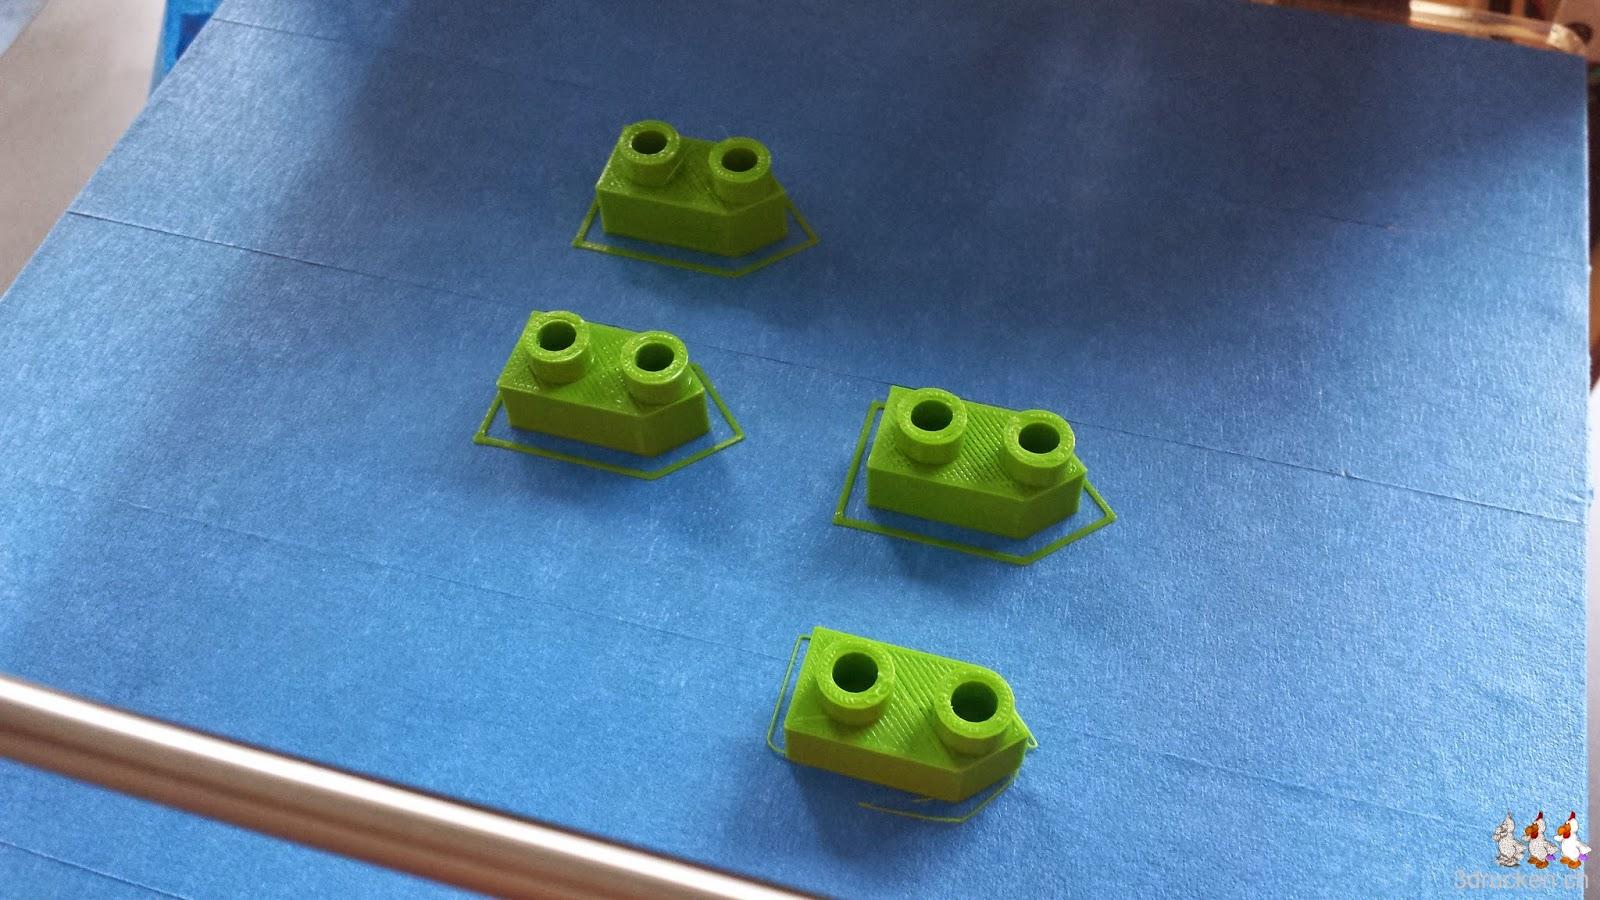 Foto von vier 2er-Schiffen aus grünem PLA auf dem Drucktisch eines Ultimaker Original